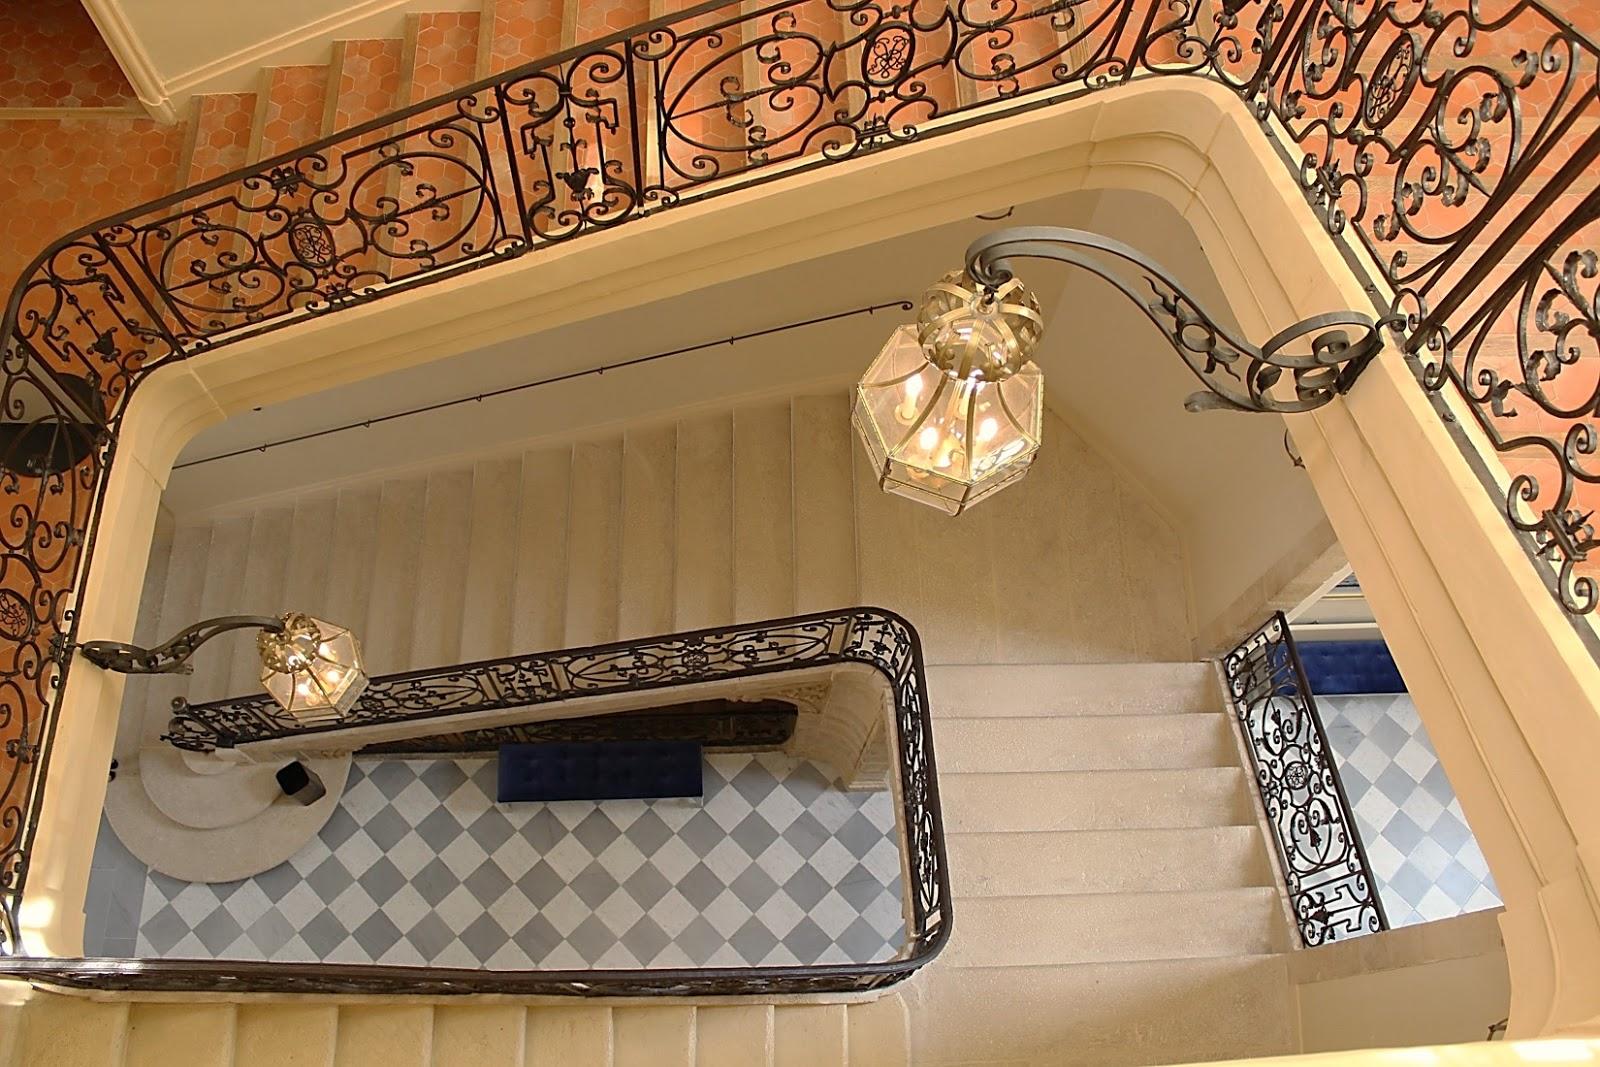 Une toile suspendue aix en provence l 39 h tel de caumont - Hotel de caumont aix en provence ...